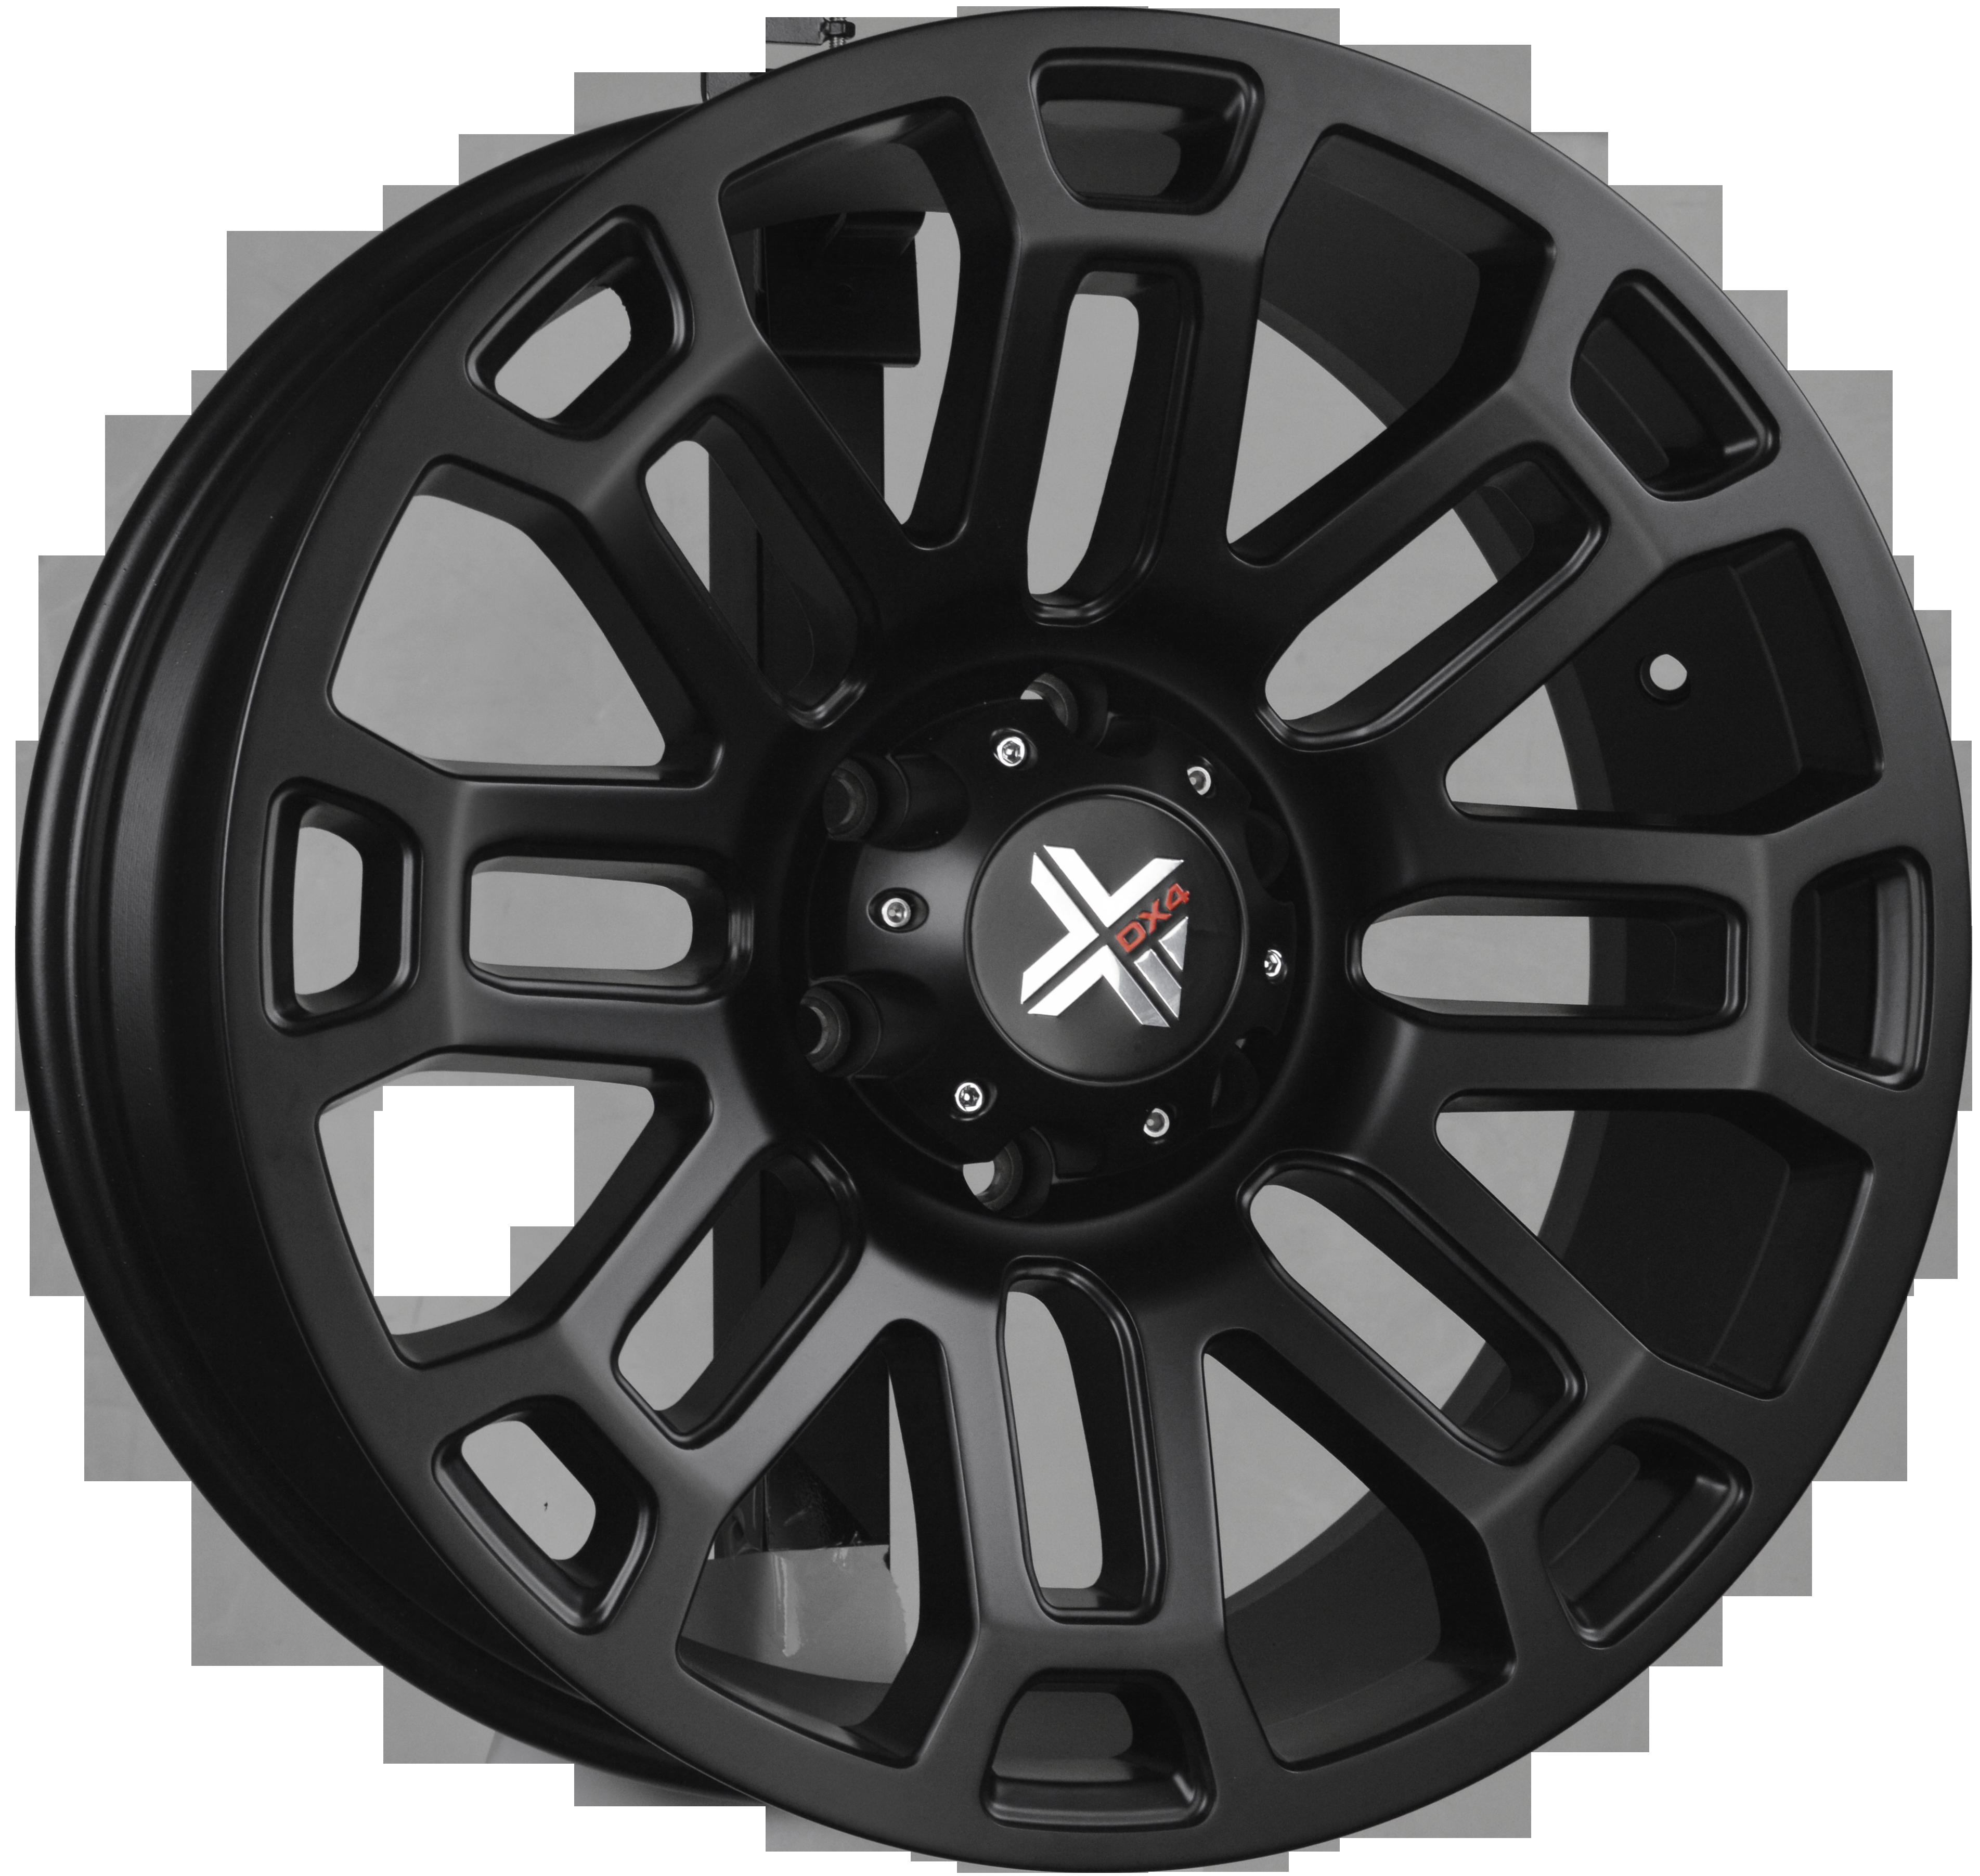 DX4 BOOST - Flat Black